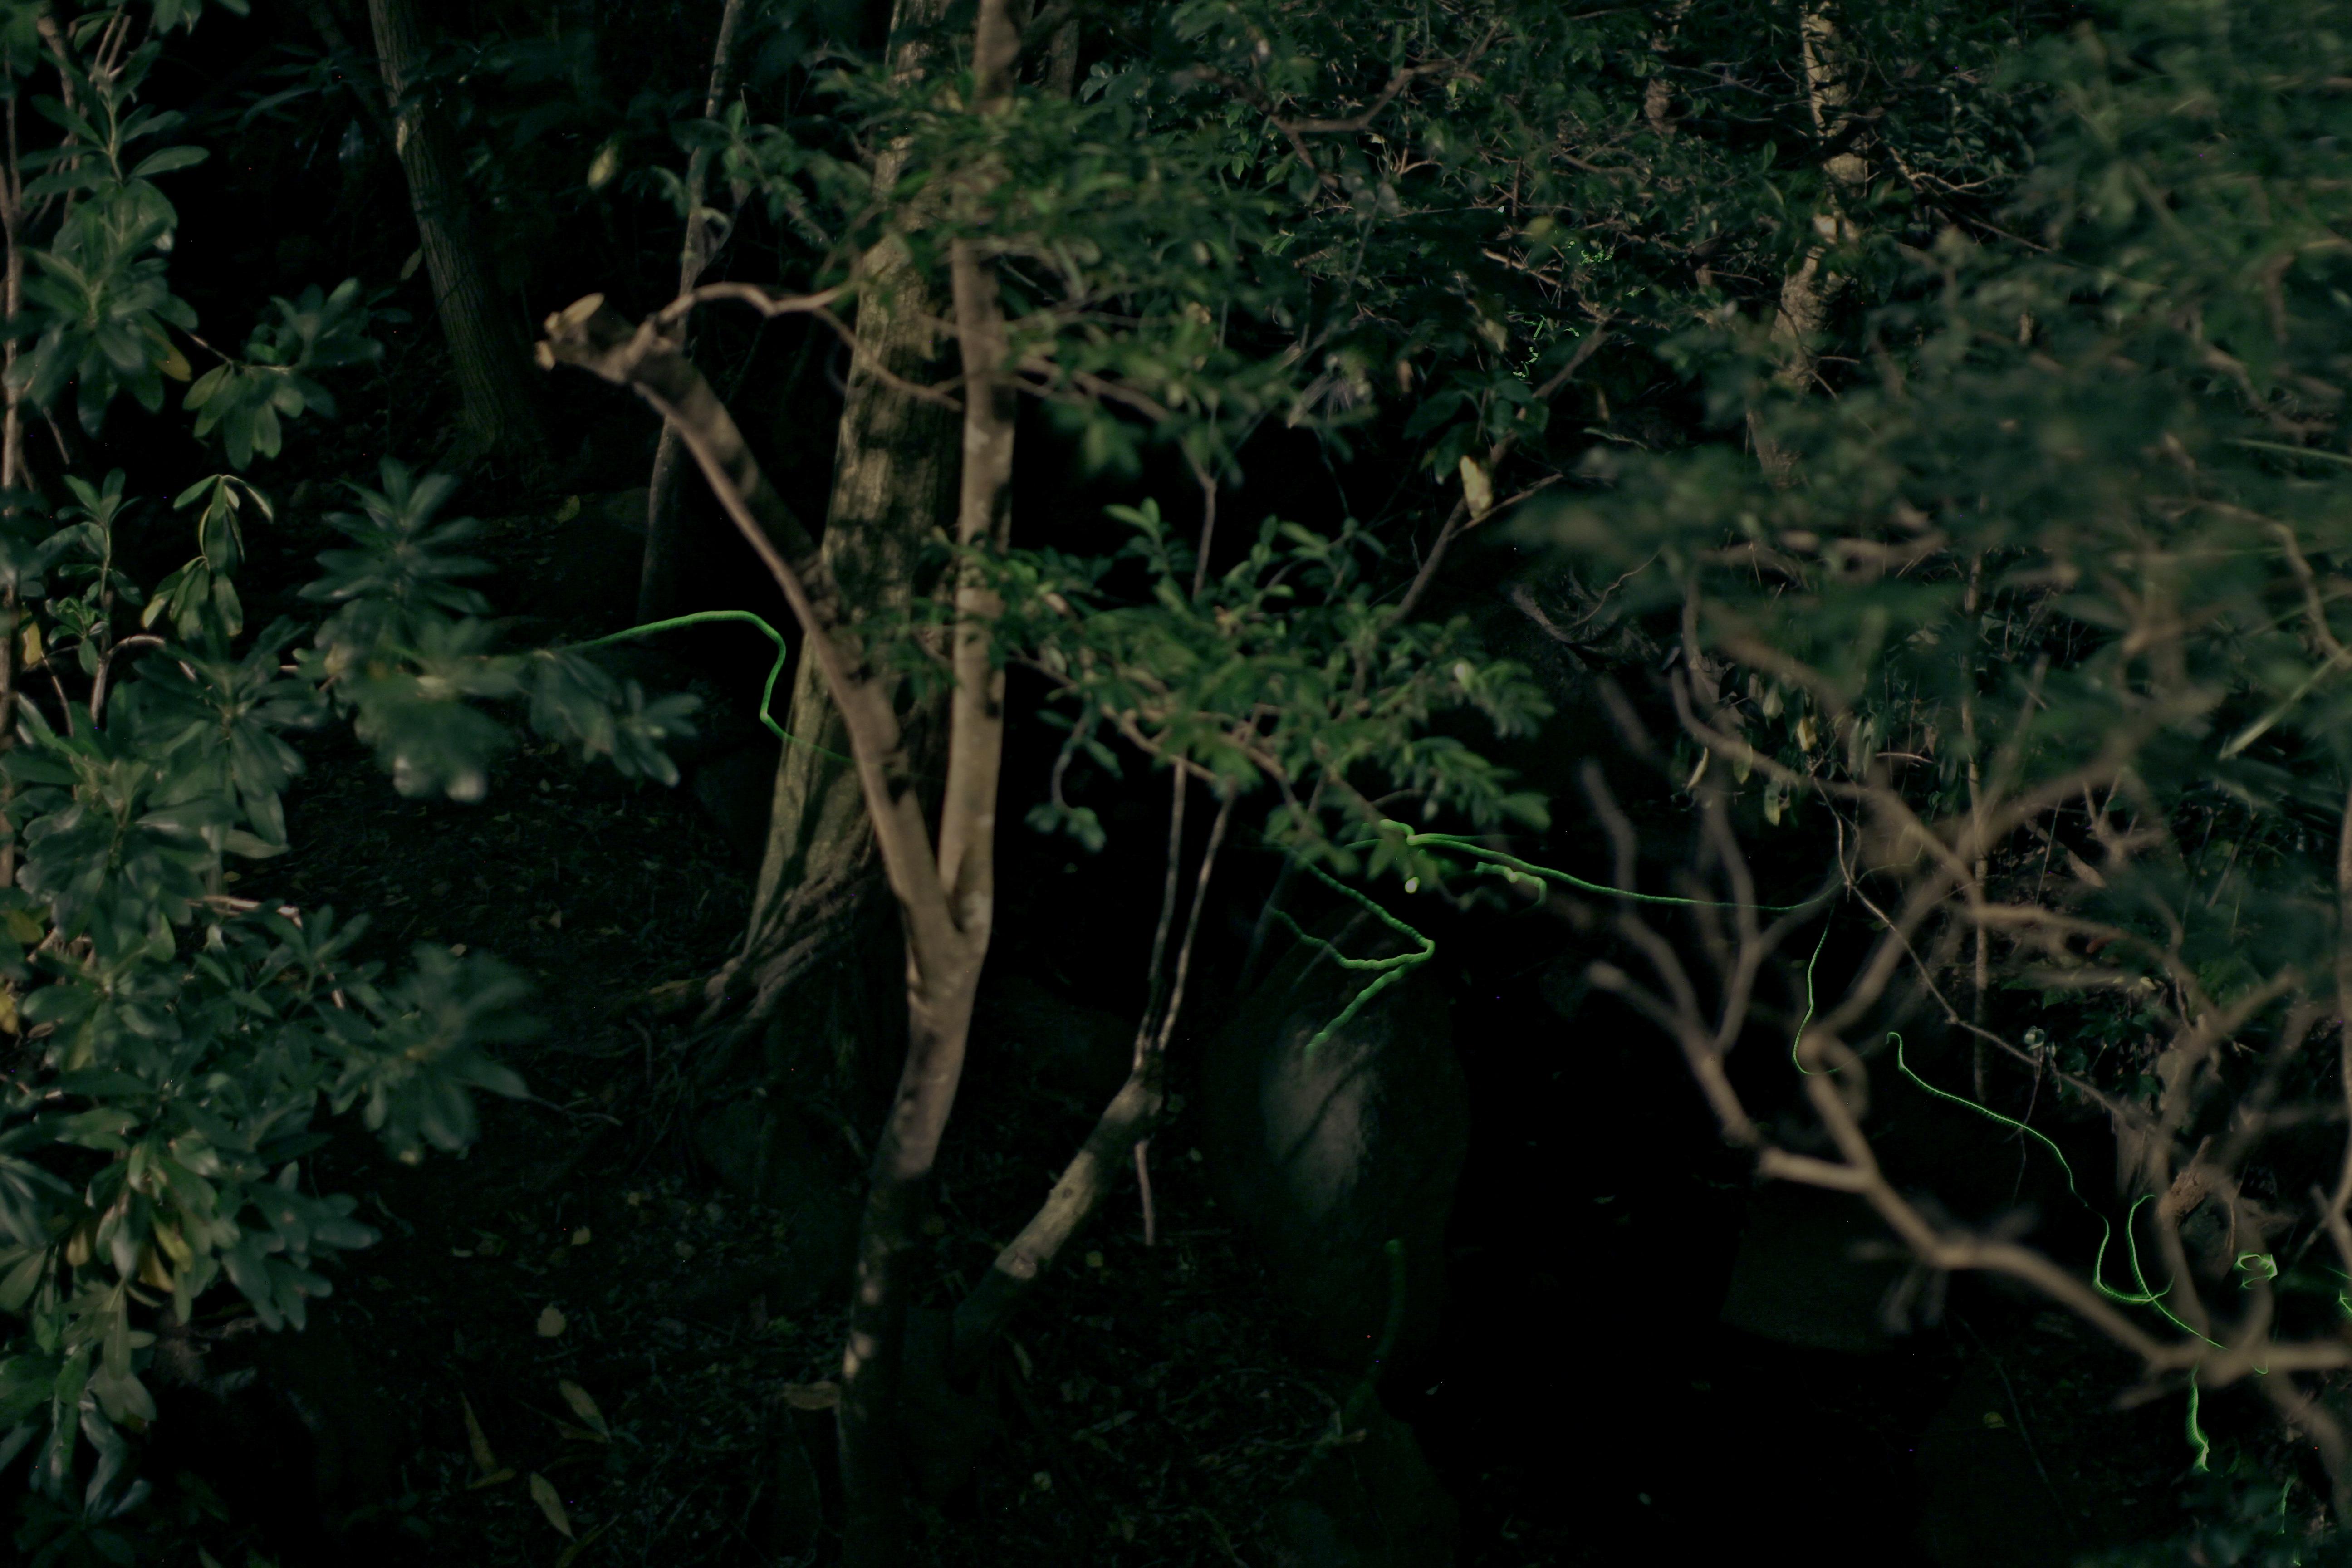 箱根にホタルが舞っています。